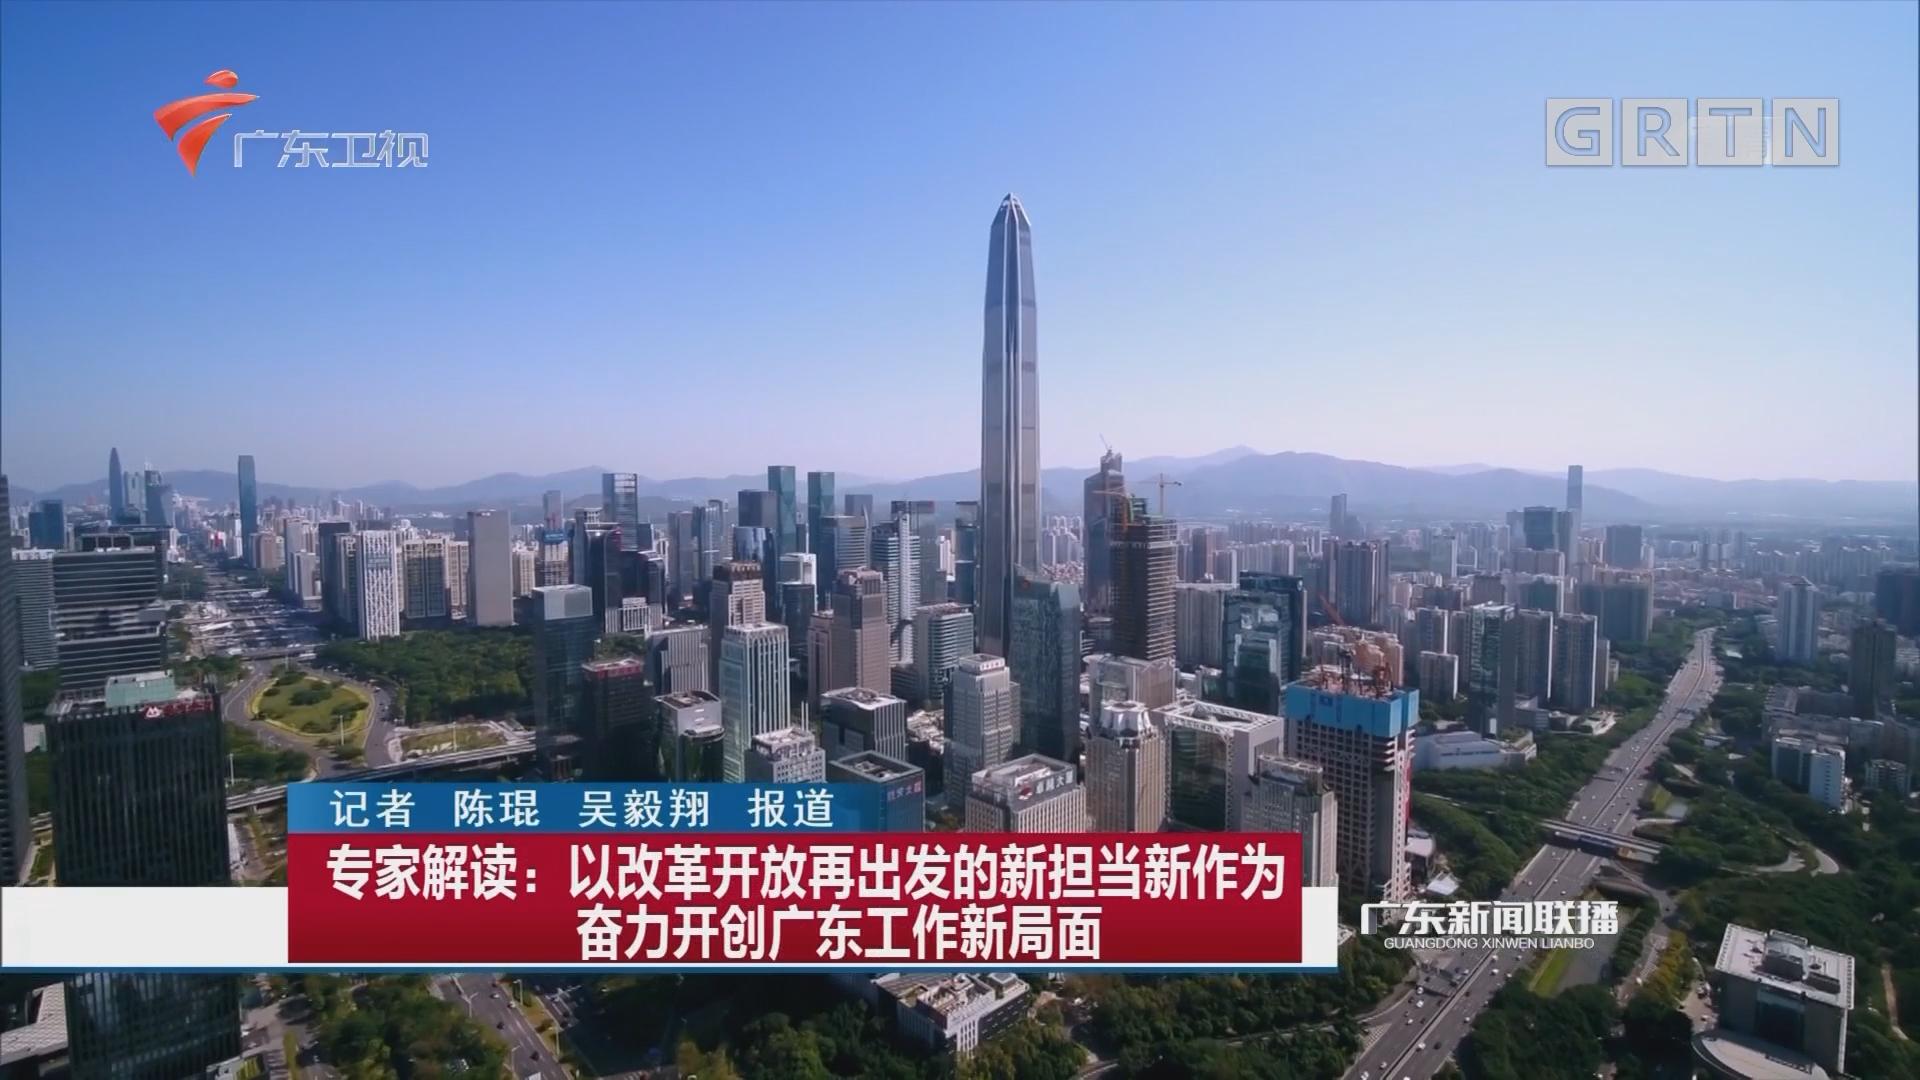 专家解读:以改革开放再出发的新担当新作为奋力开创广东工作新局面